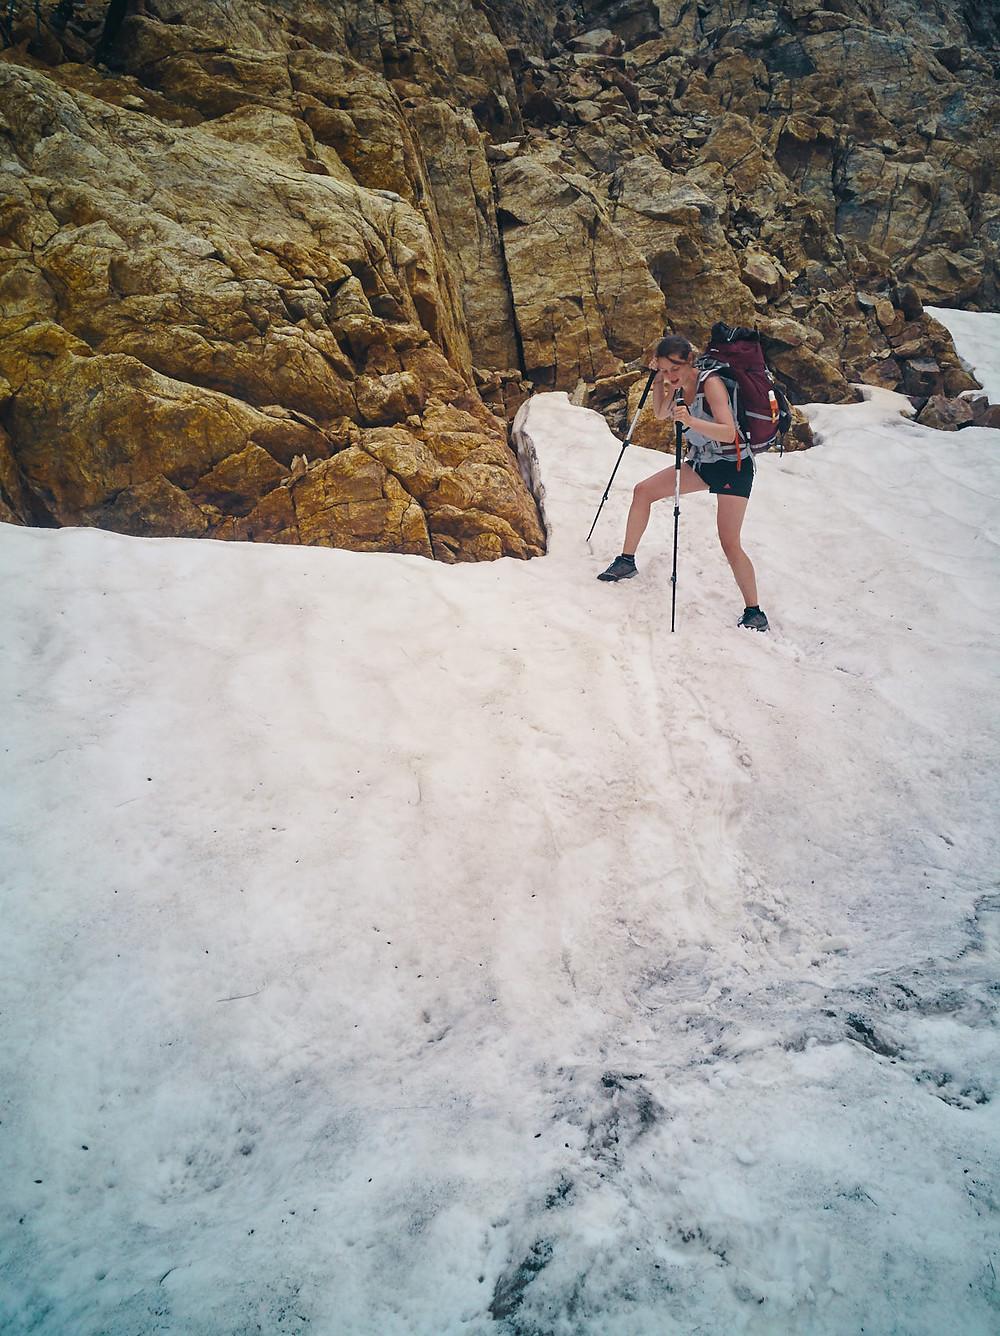 Deux Pas Vers l'Autre - Hiking - Snow - Italy